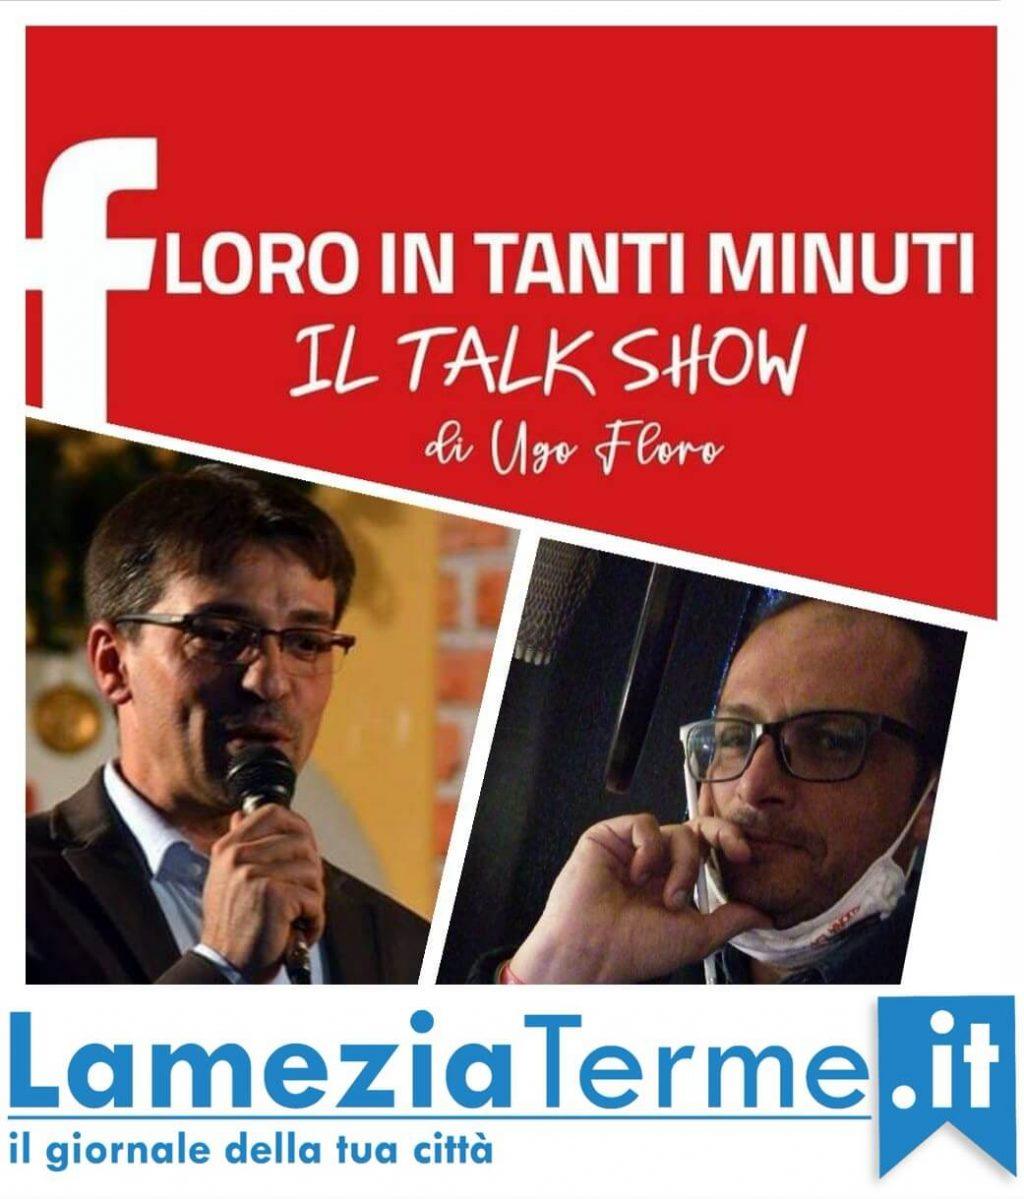 Floro in tanti minuti con Vincenzo Chindamo